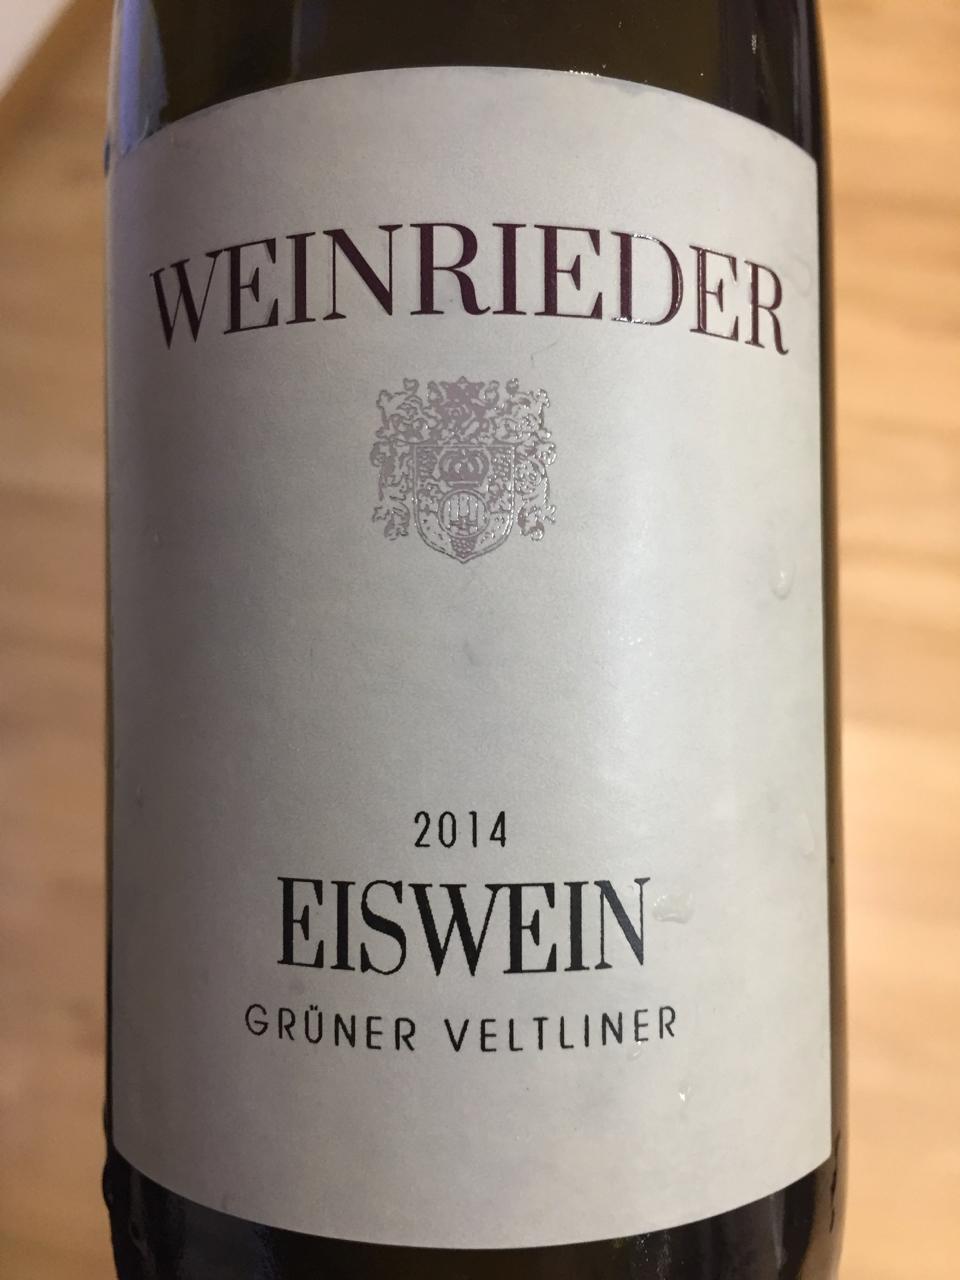 Grüner Veltliner (9).jpg